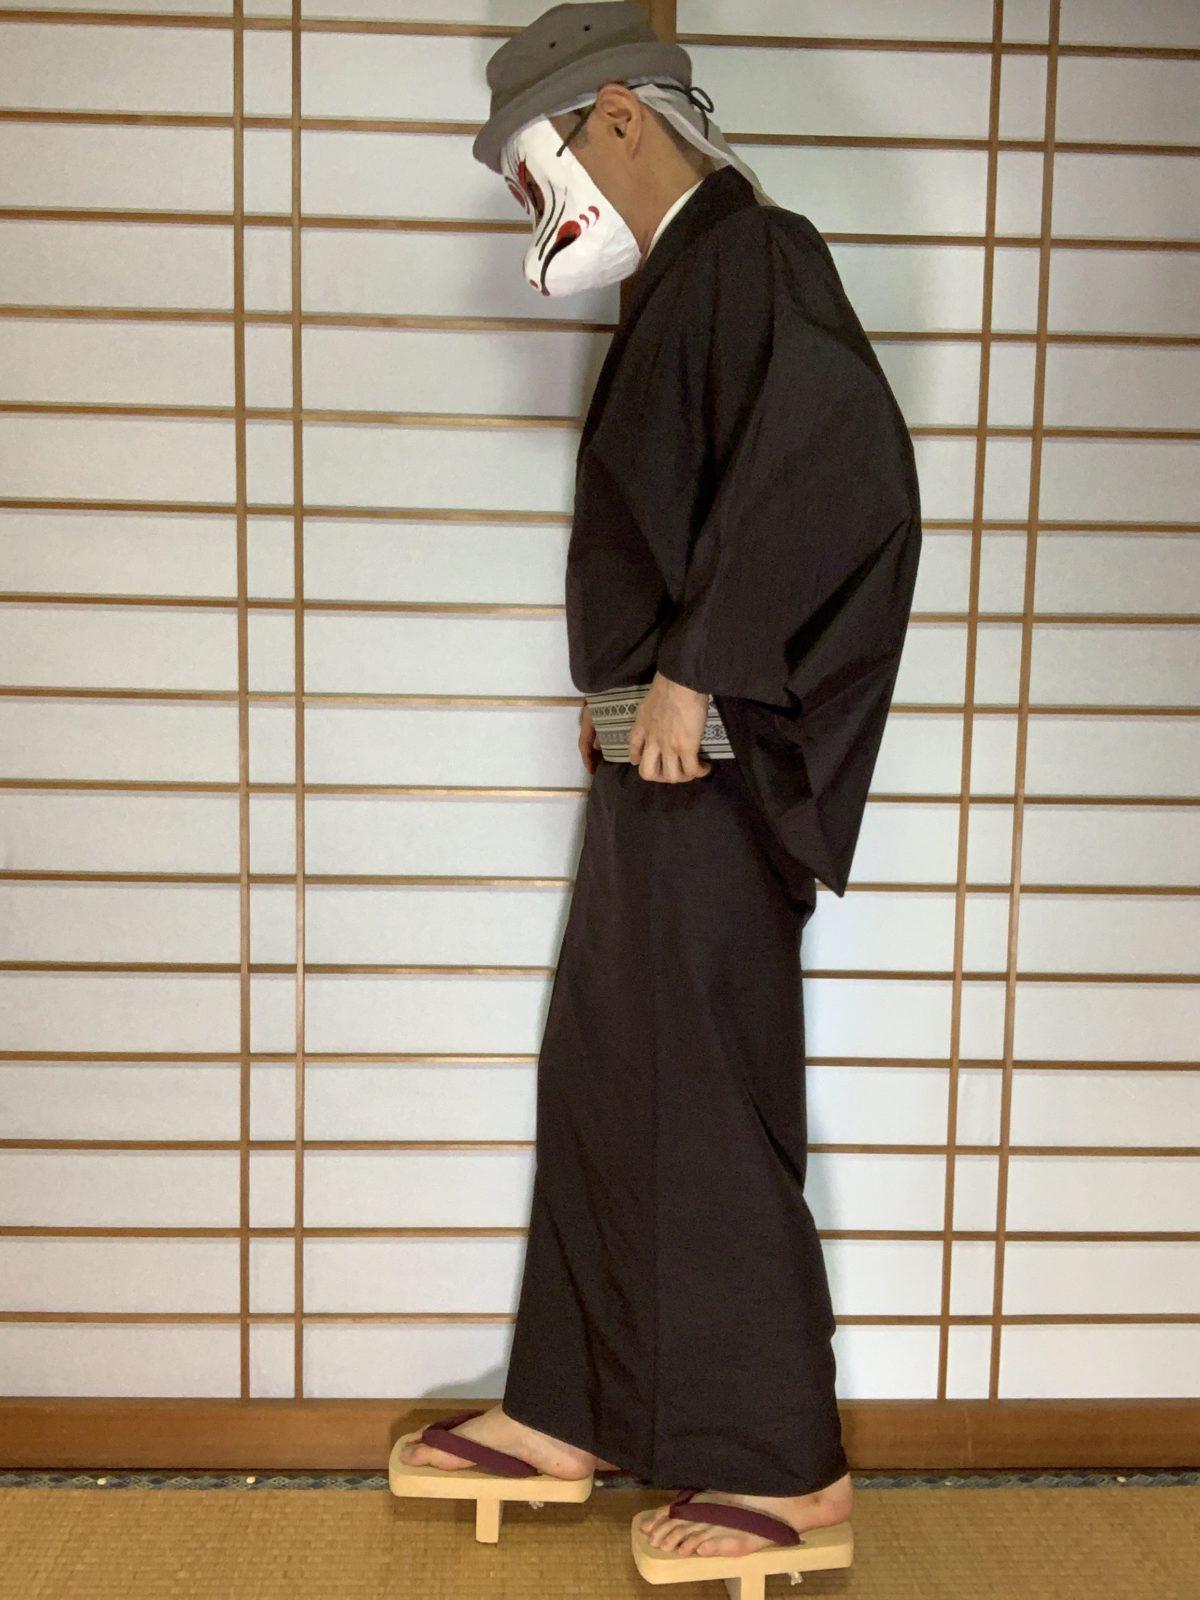 男の和服,メンズ着物,狐面,日本,裏着物,和,文化,フィットネス,